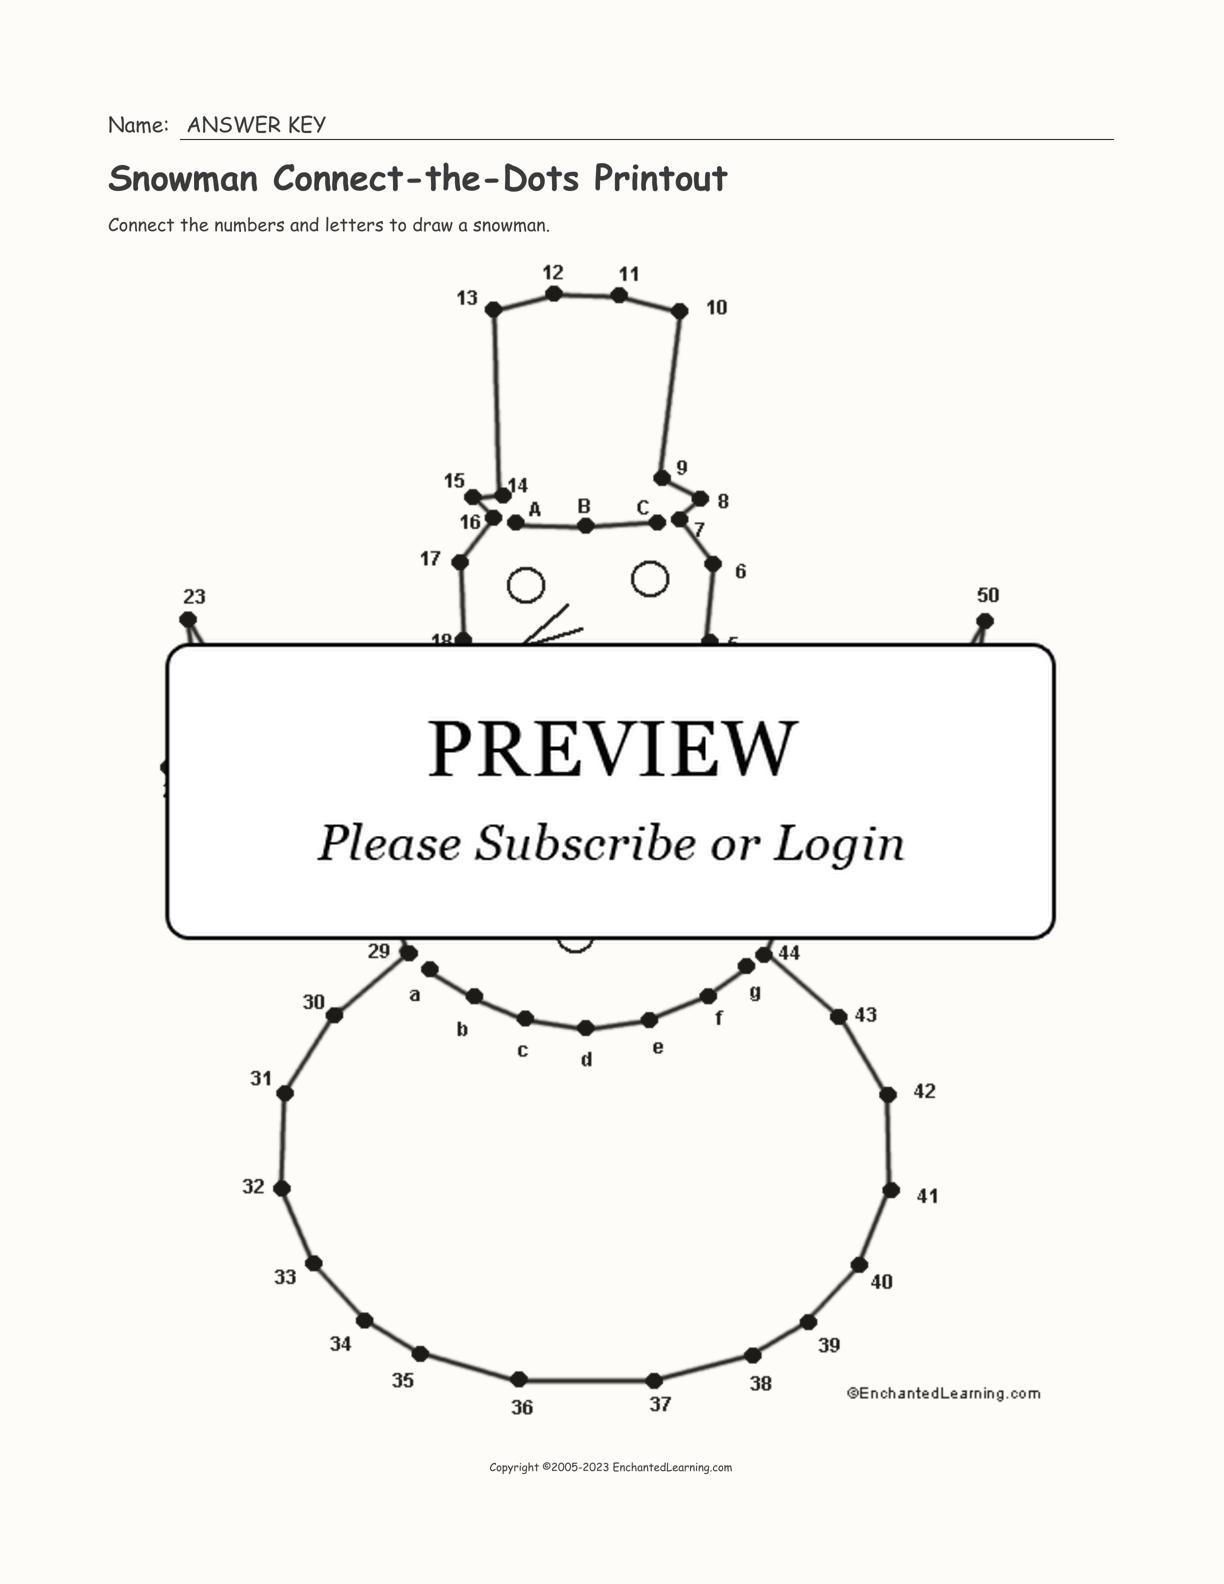 Snowman Connect The Dots Printout